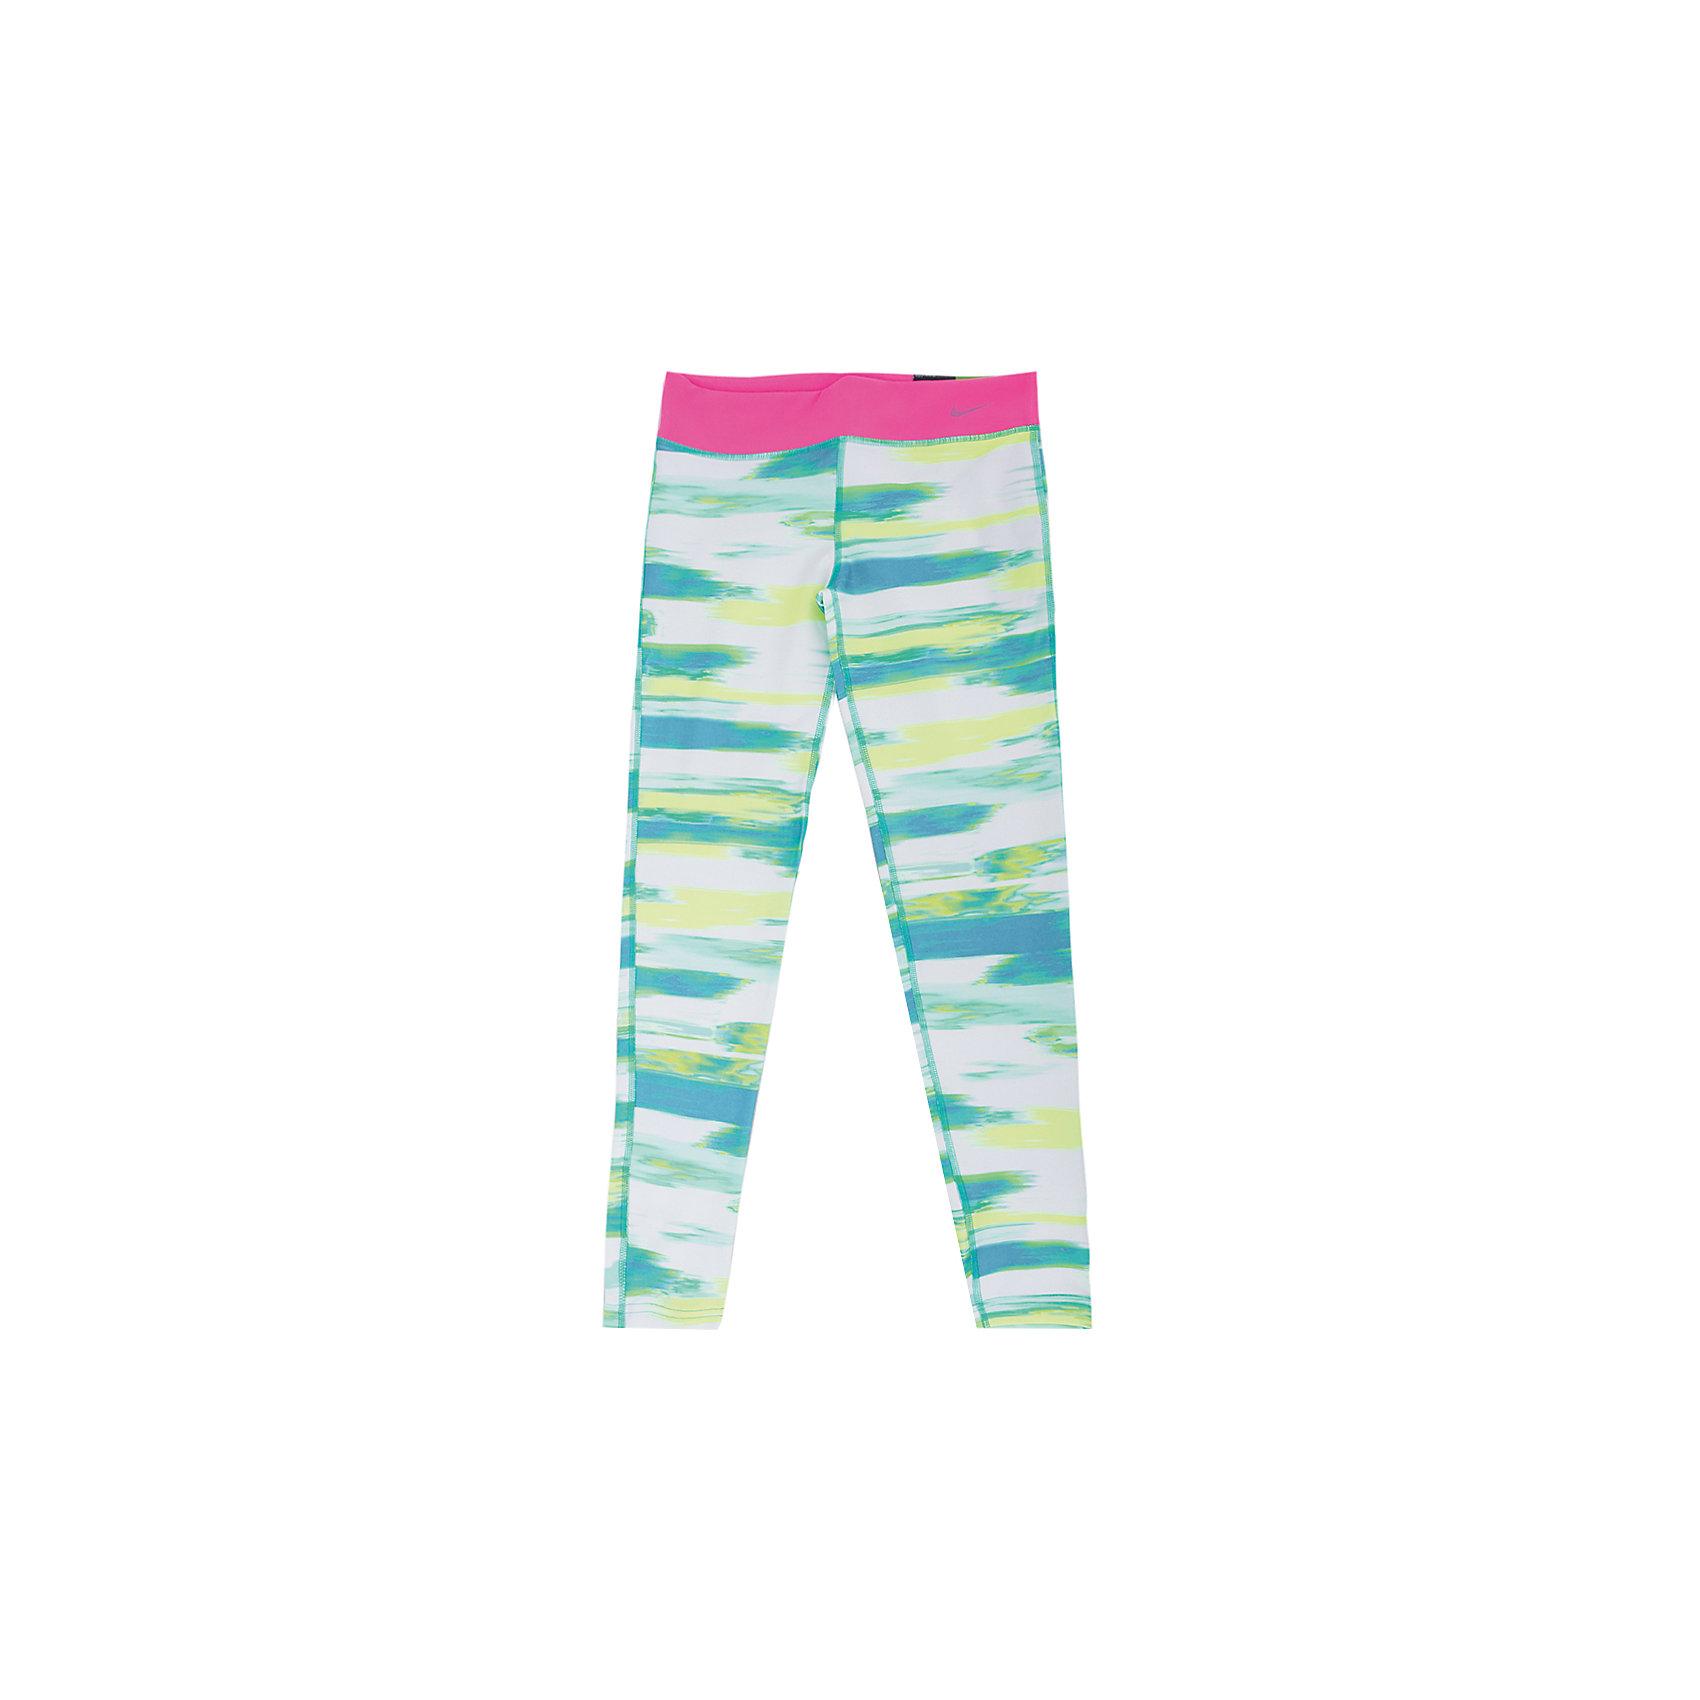 Леггинсы для девочки NIKE YA LEG AOP TGHT PANT YTH NIKEЛеггинсы<br>Брюки для девочки NIKE YA LEG AOP TGHT PANT YTH  от известного бренда NIKE (Найк)обязательно понравятся вашему ребенку. Брюки оригинальной контрастной расцветки прекрасно облегают фигуру, идеально подходят для занятий спортом и активного отдыха. Выполнены из высококачественного материала, приятны к телу, не сковывают движения.<br><br>Дополнительная информация:<br><br>- Крой брючин: облегающий.<br>- Цвет: розовый, желтый, голубой.<br>- Эластичный пояс<br>- Декоративные элементы: принт .<br><br>Состав:<br>полиэстер 88%, эластан 12%<br><br>Брюки для девочки NIKE YA LEG AOP TGHT PANT YTH NIKE (Найк) можно купить в нашем магазине.<br><br>Ширина мм: 215<br>Глубина мм: 88<br>Высота мм: 191<br>Вес г: 336<br>Цвет: голубой<br>Возраст от месяцев: 72<br>Возраст до месяцев: 96<br>Пол: Женский<br>Возраст: Детский<br>Размер: 116/128,152/158,140/152,128/140,158/170<br>SKU: 3969523